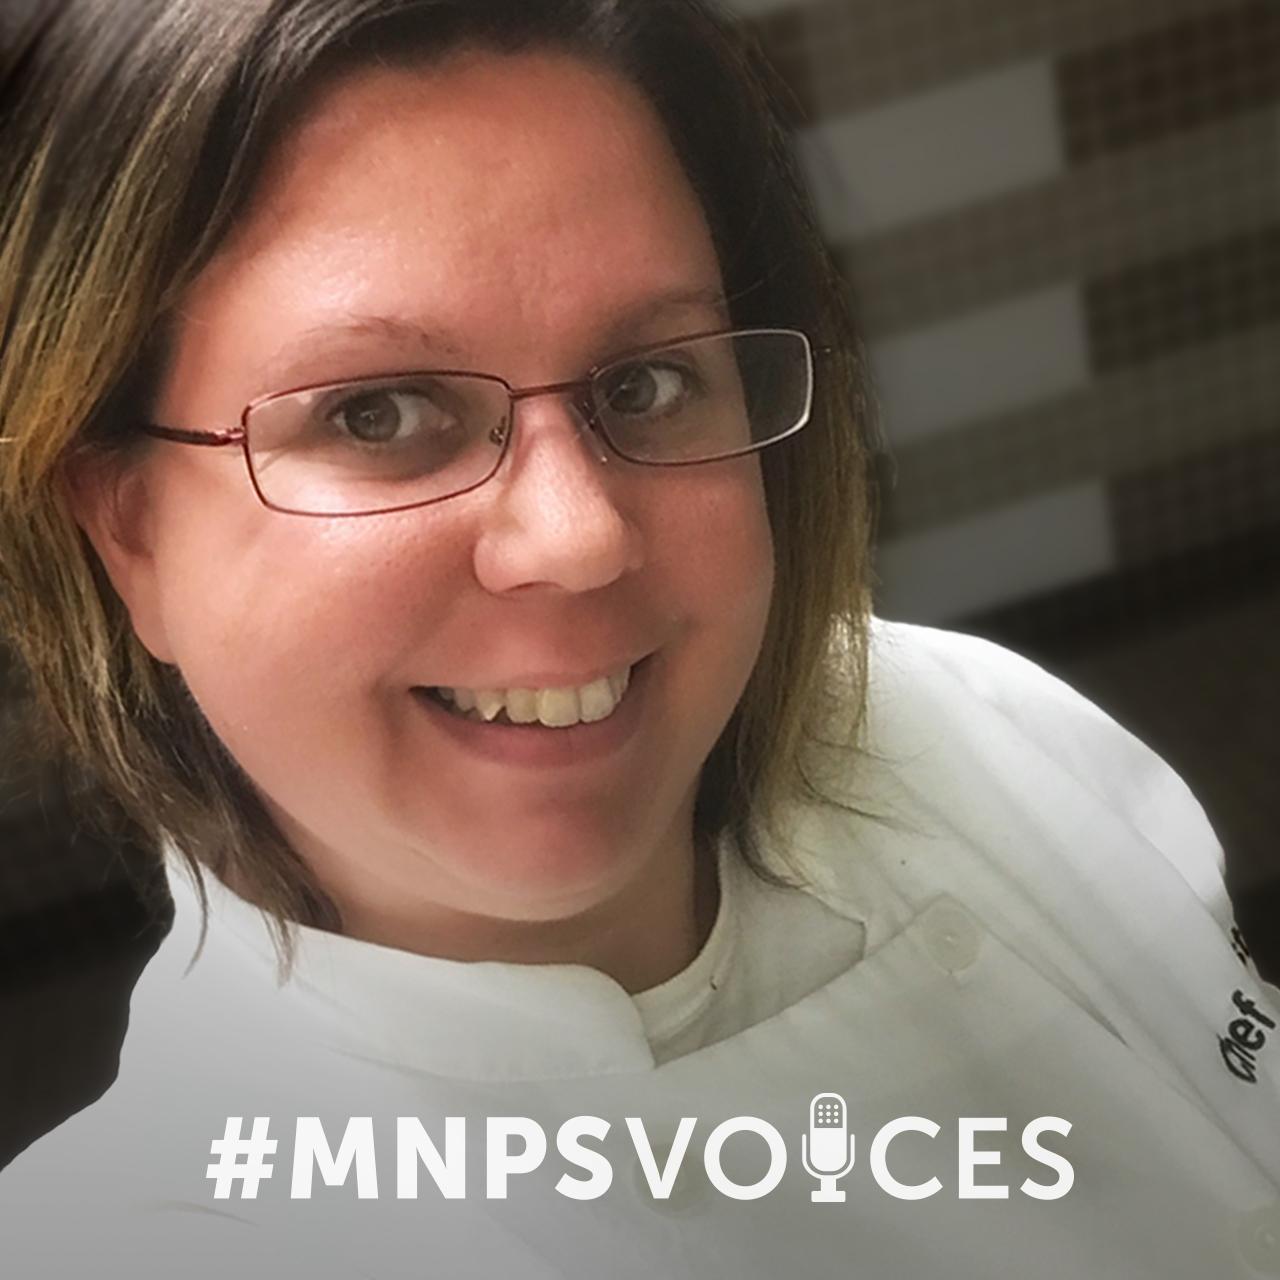 MNPSVoices_091119_CristinaTrikoris.jpg